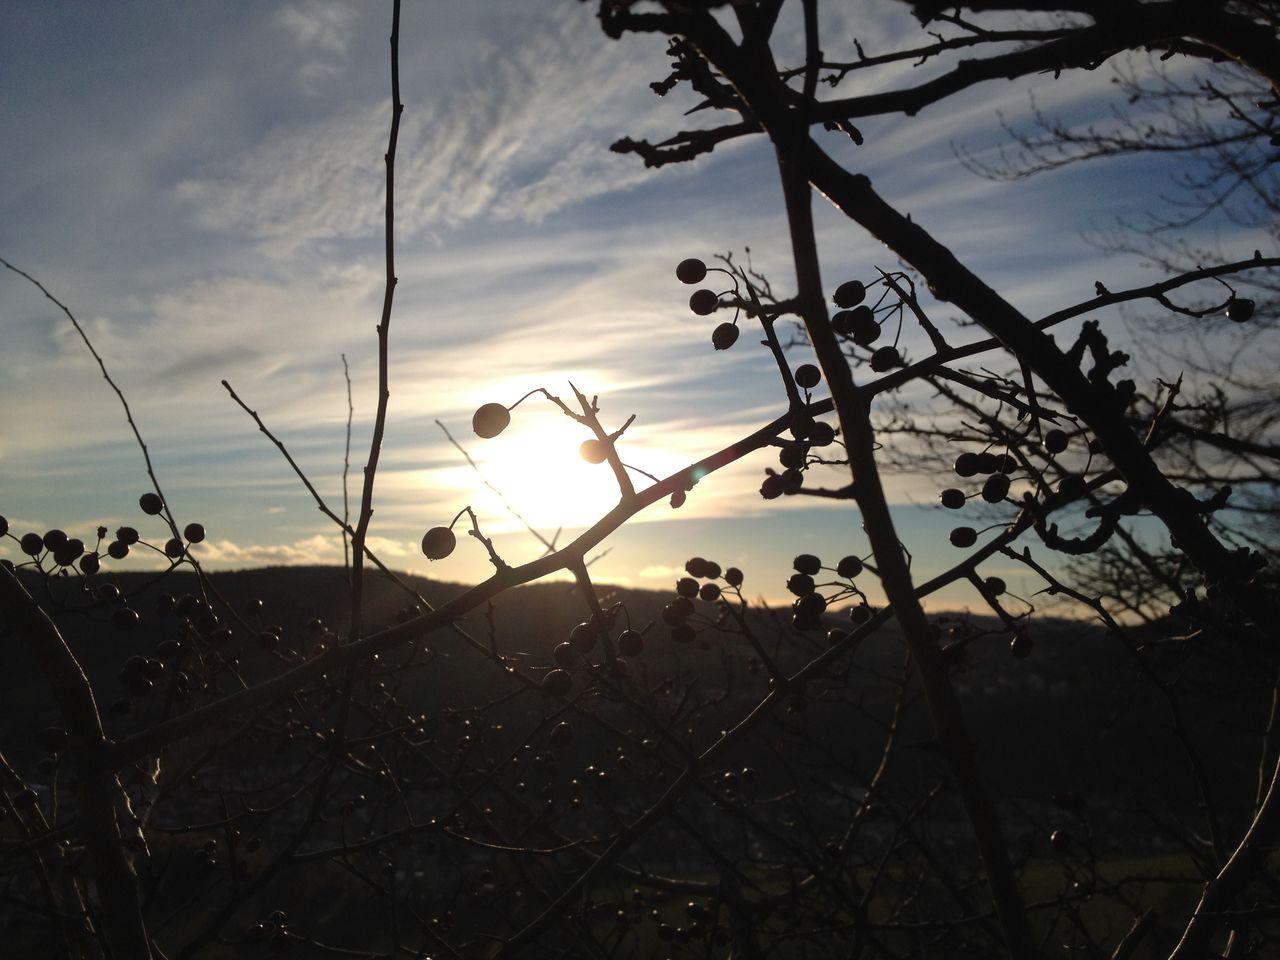 Sonnenbilder IMG_3061